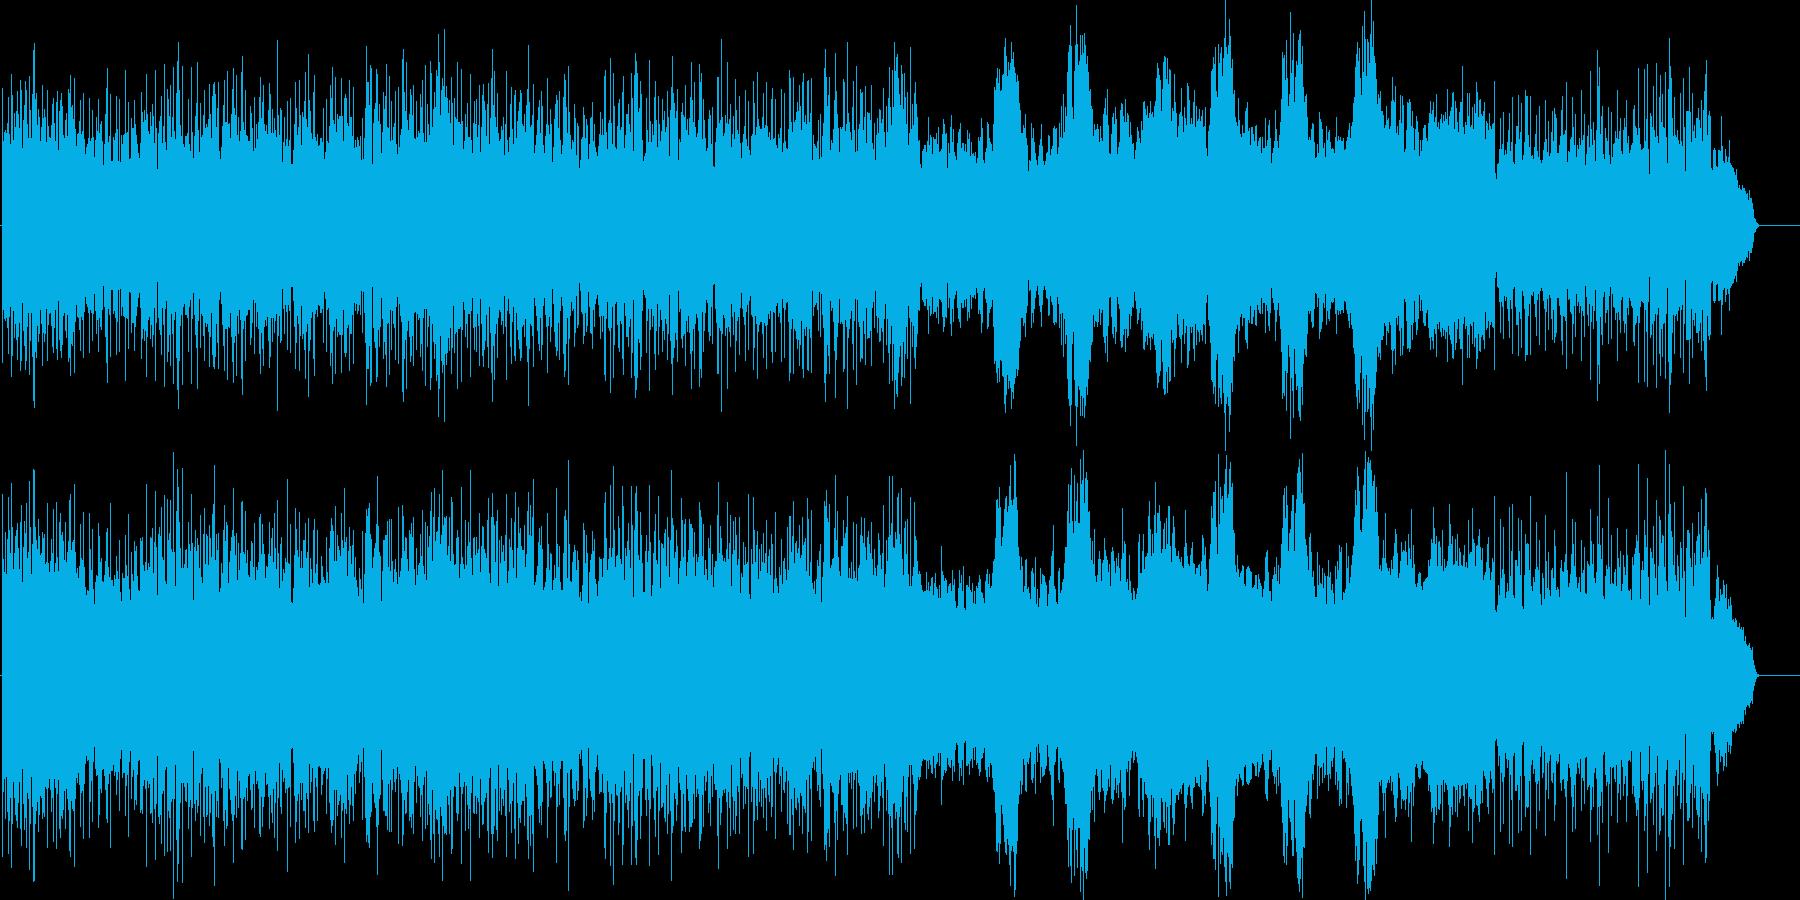 美しいボーカルが奏でるヒーリング曲の再生済みの波形